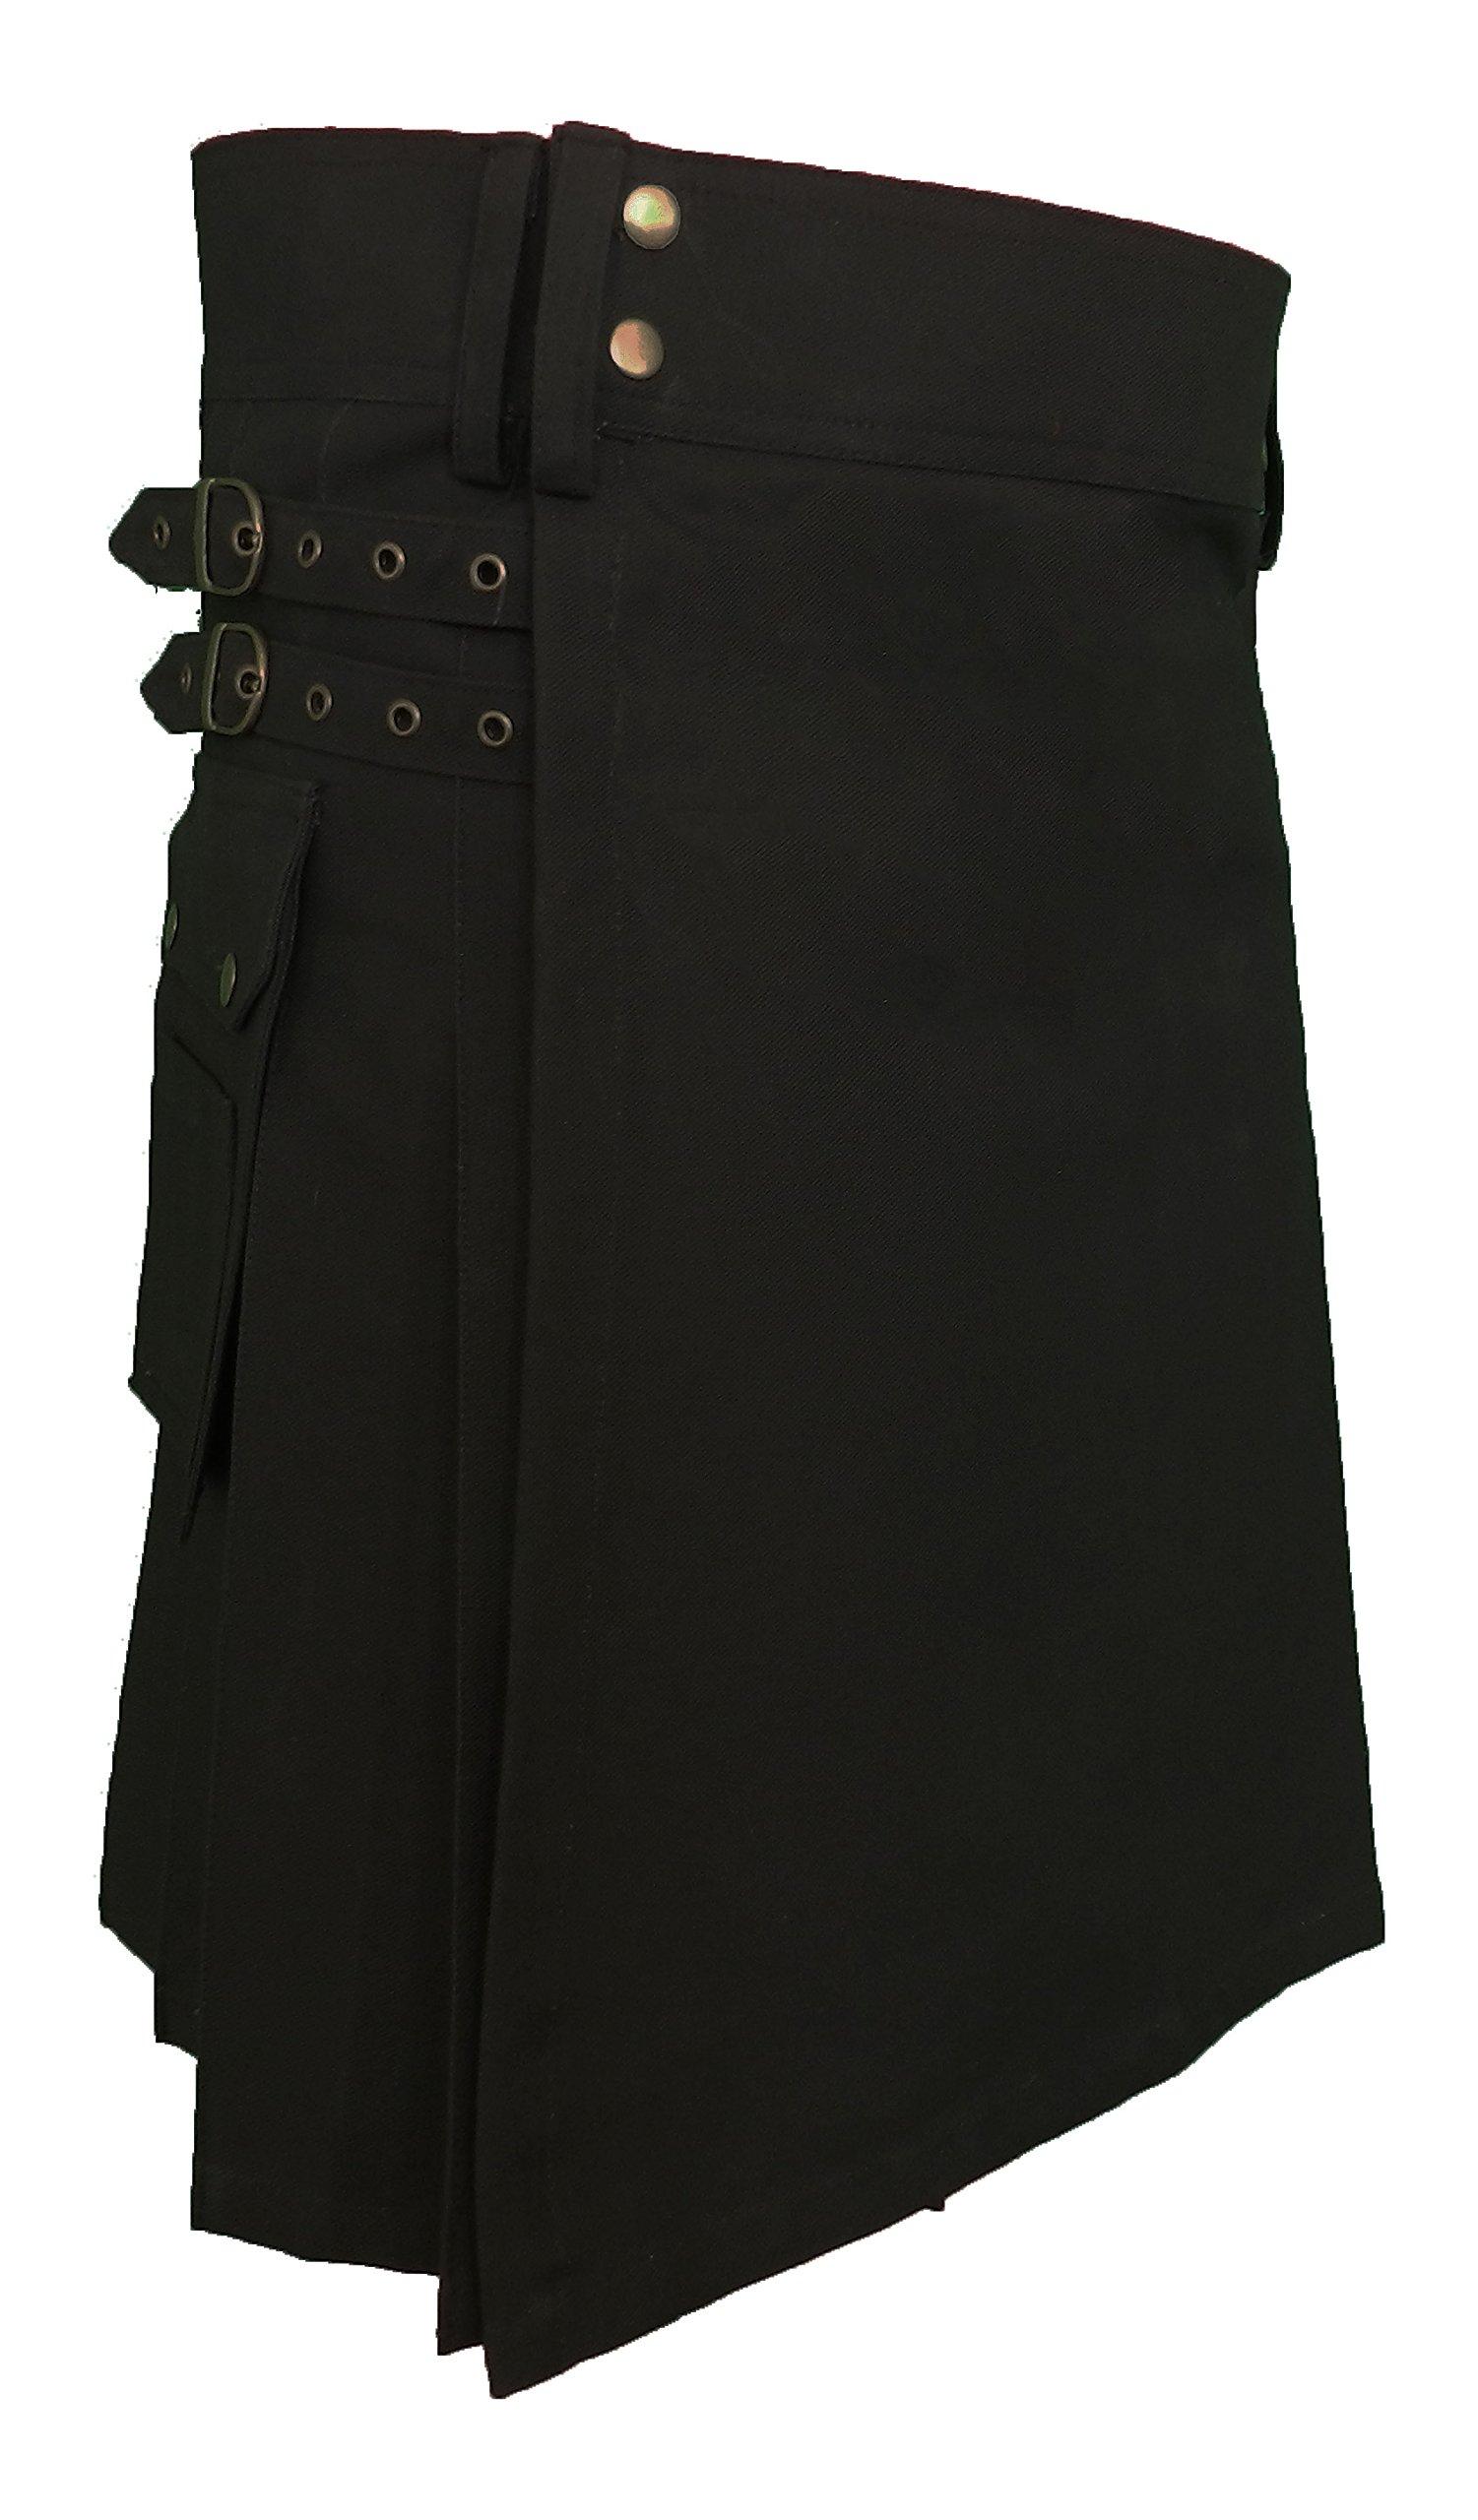 UT Kilts Men's UTK Standard Utility Kilt Black 36